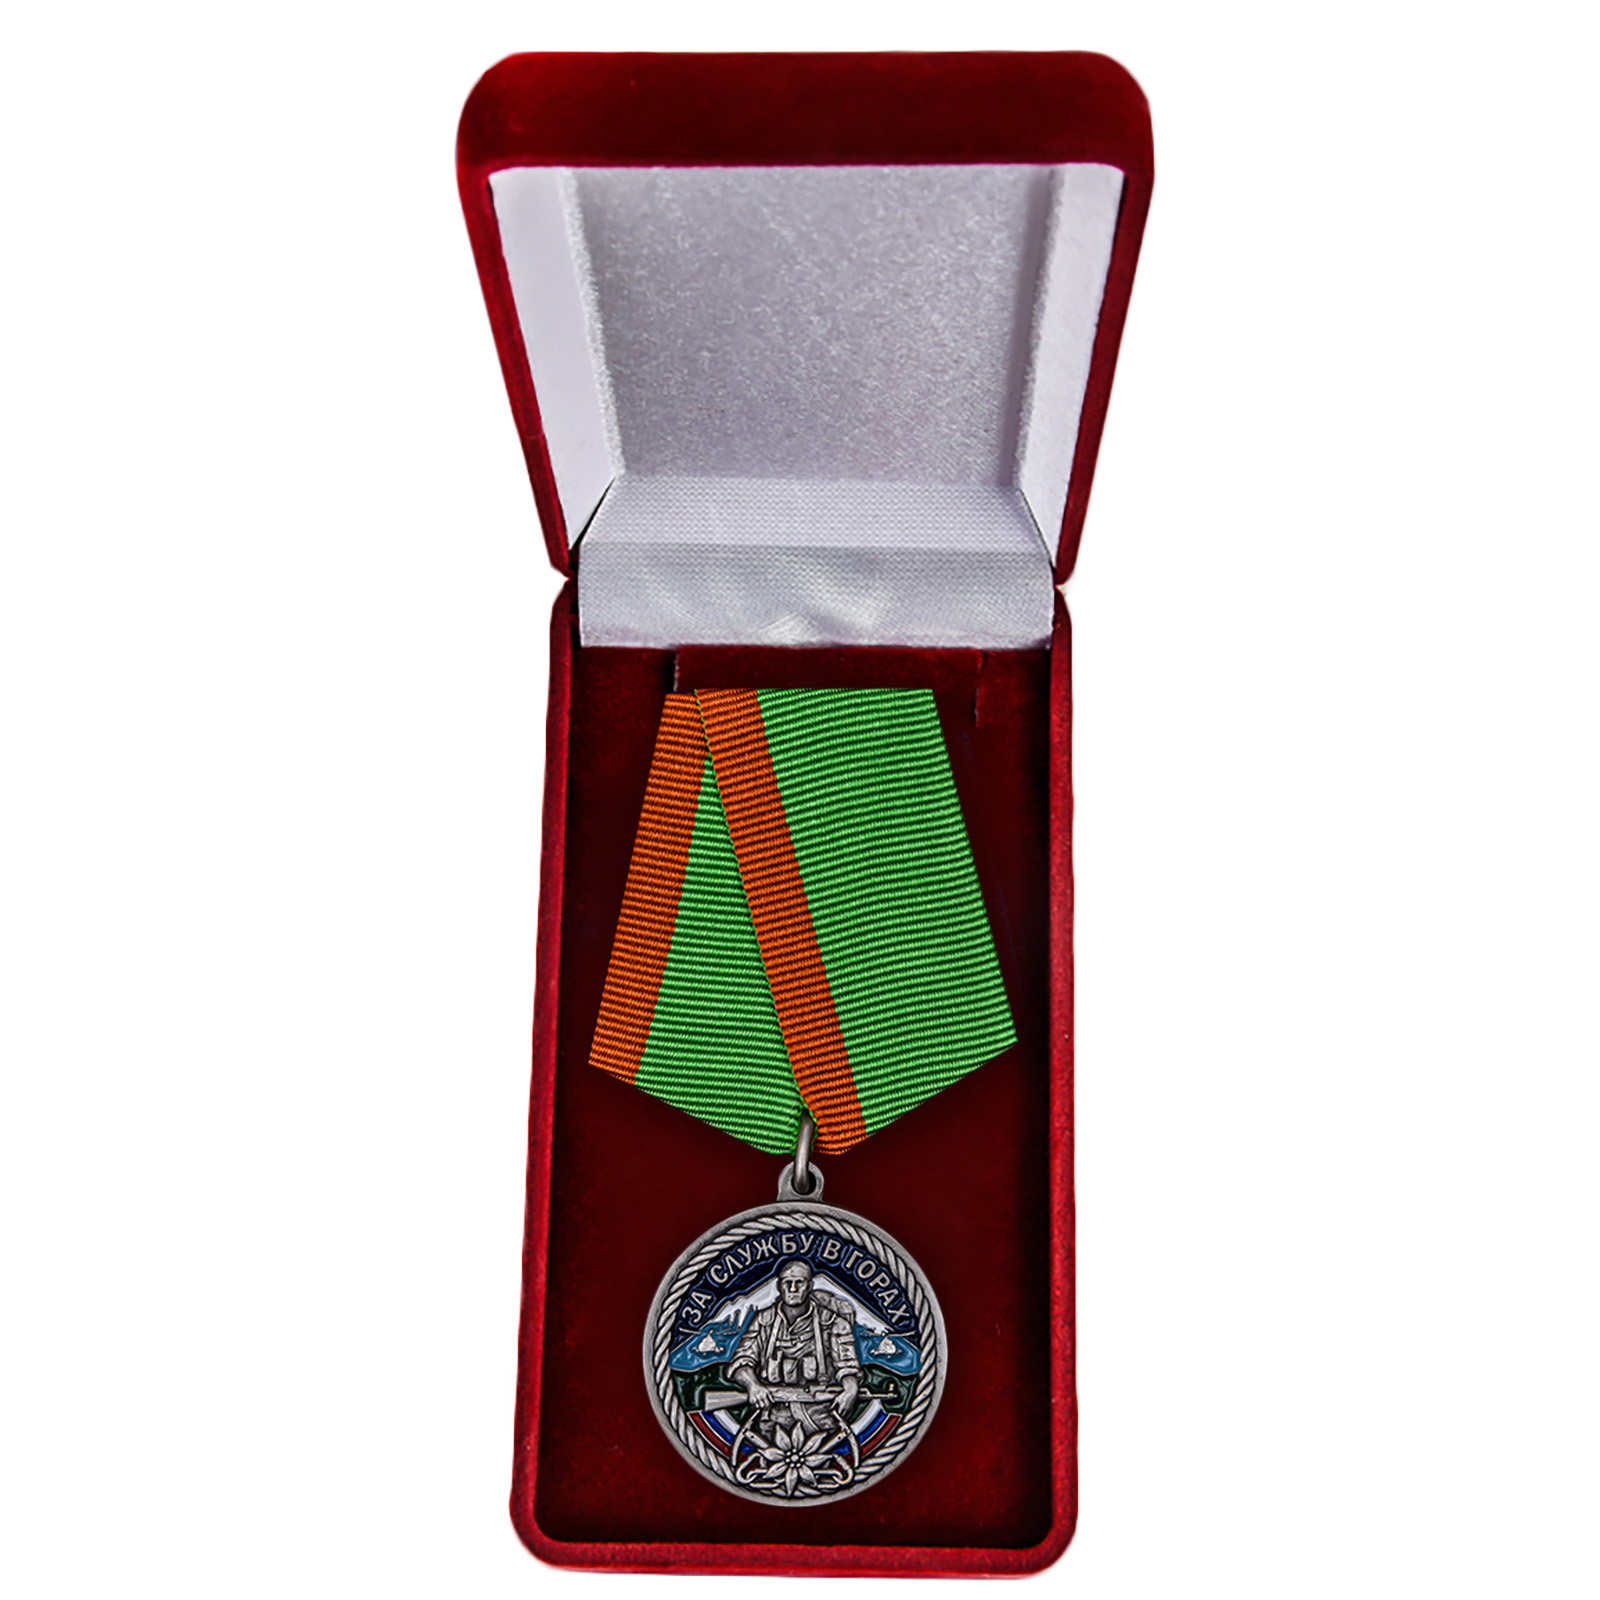 Памятная медаль За службу в горах в красивом подарочном футляре - в футляре